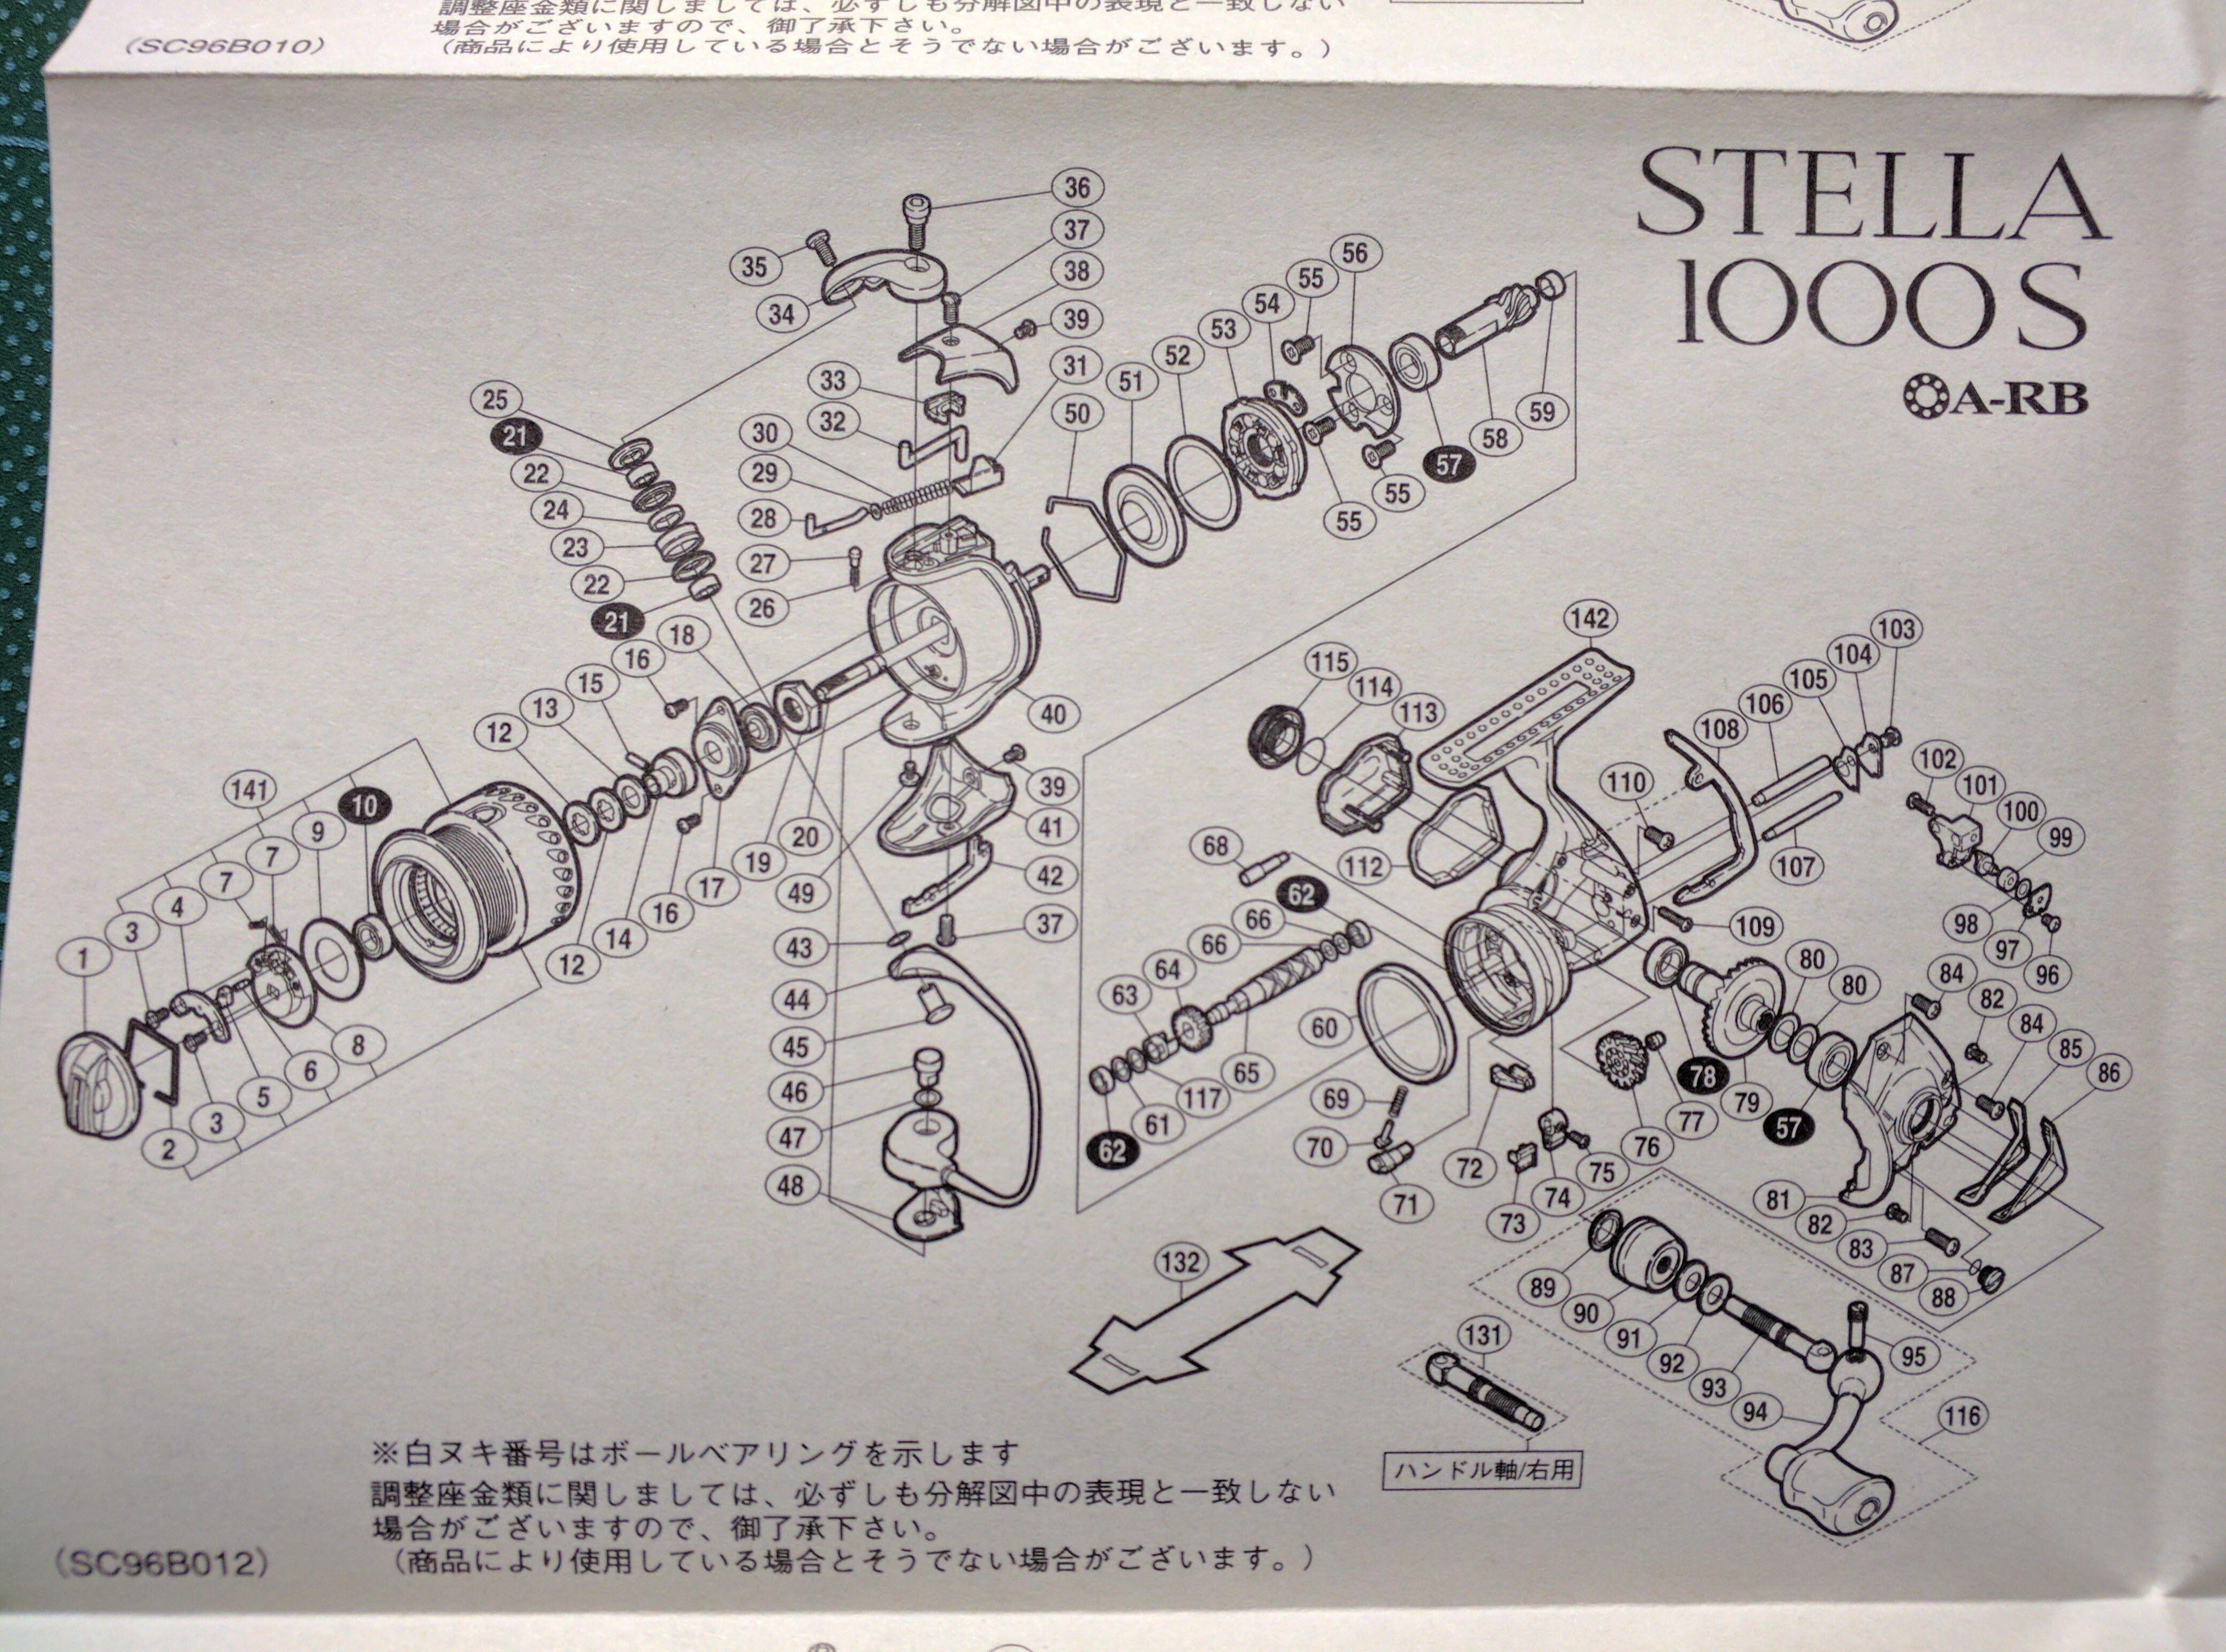 shimano-04stella-1000S-schematic (SC96B012)